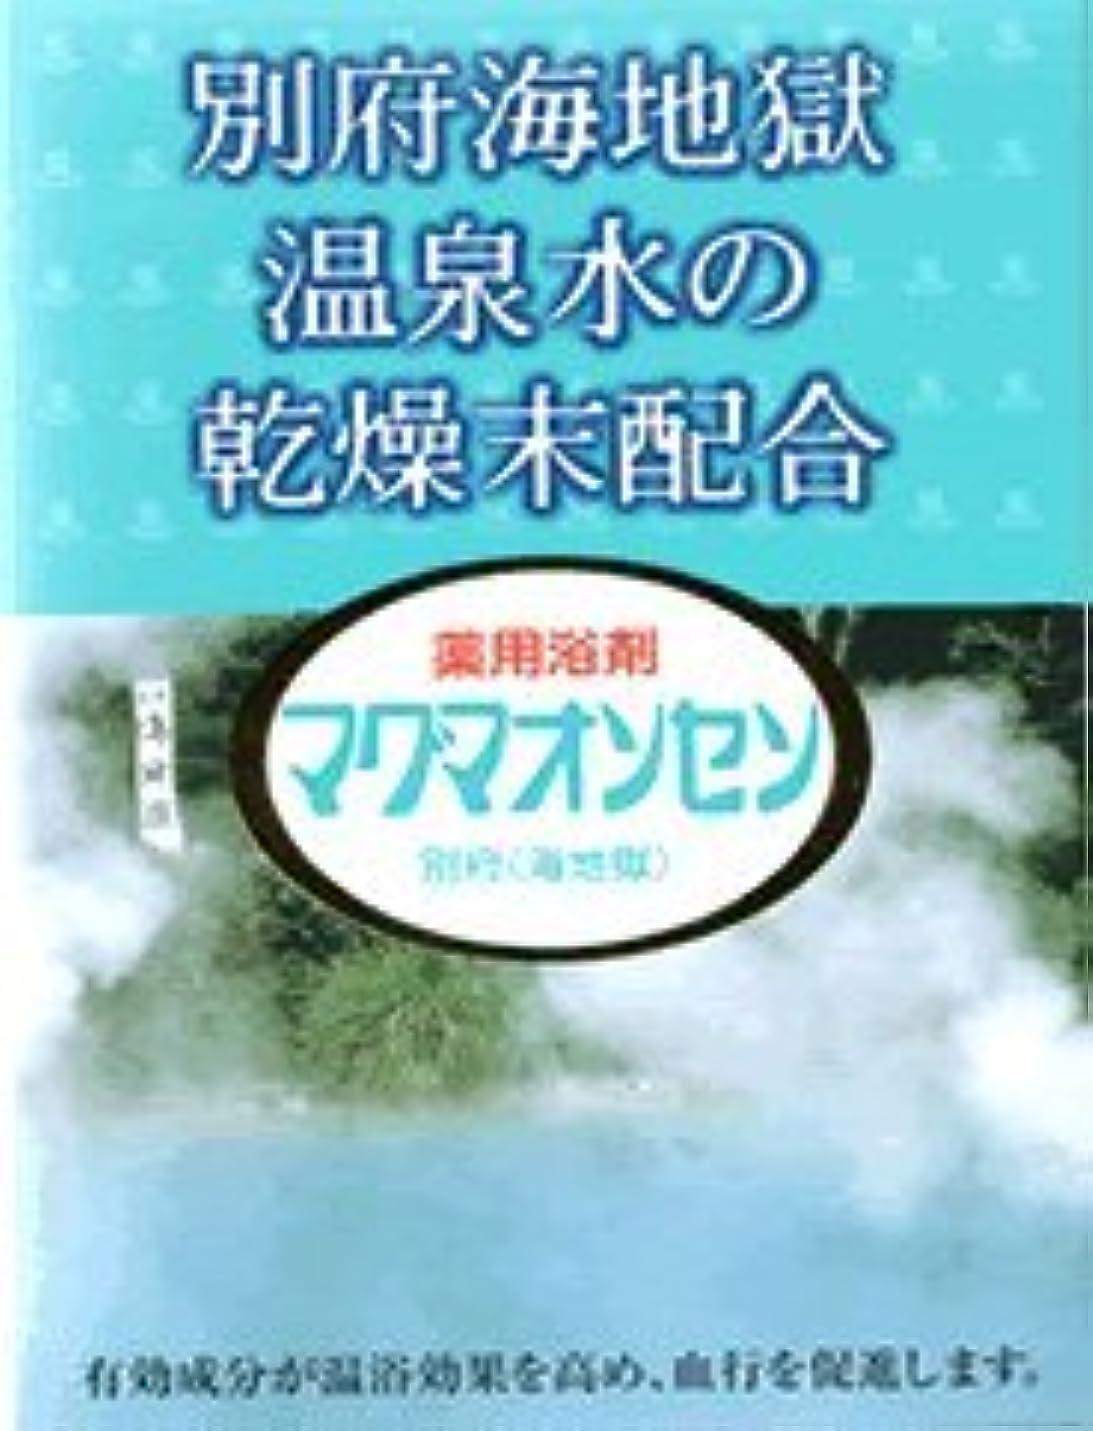 ベイビー再撮り感情薬用浴剤 マグマオンセン 21包入 一番お得な5箱セット